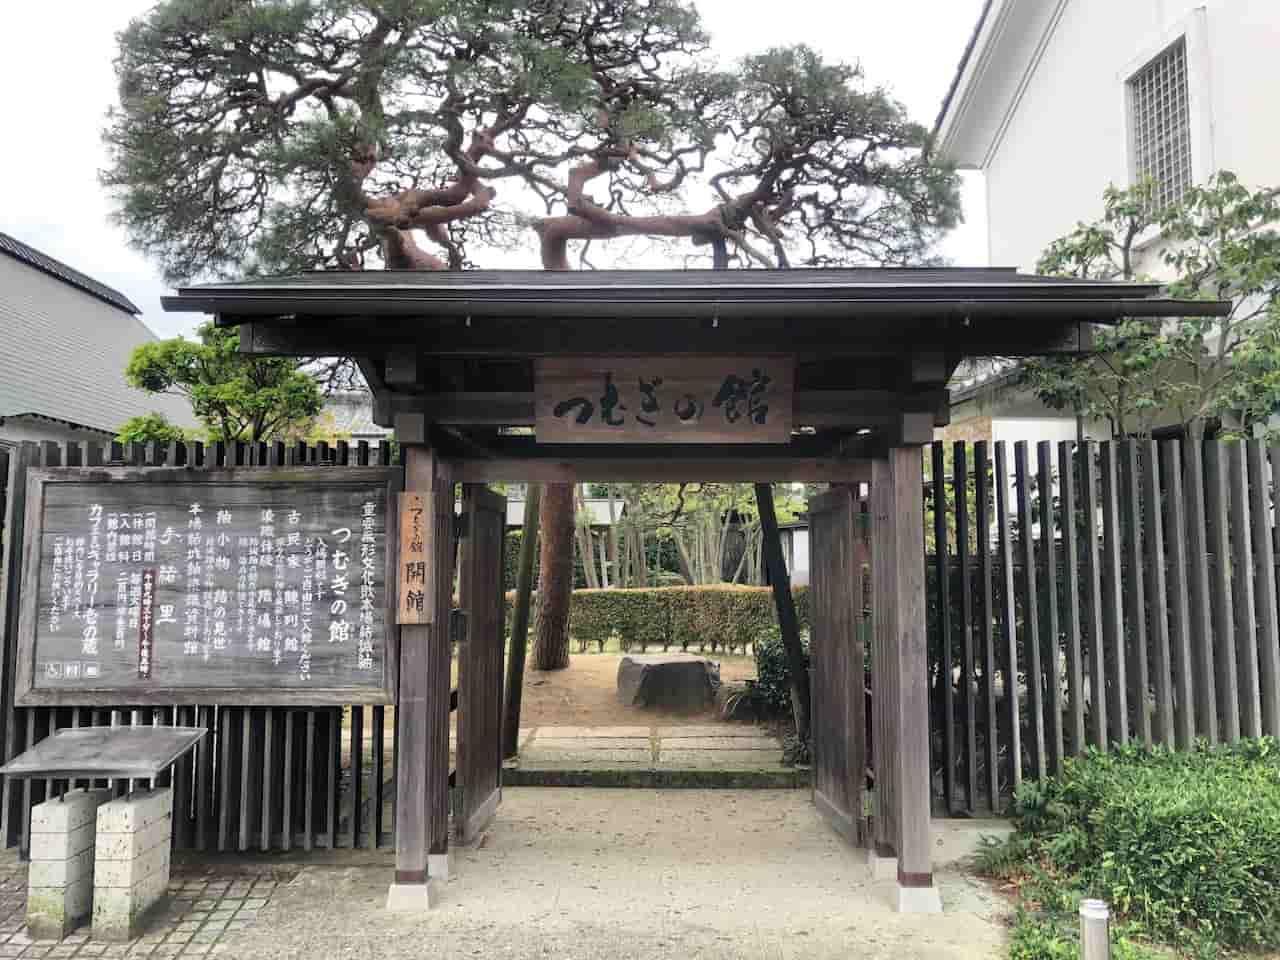 つむぎの館の入口